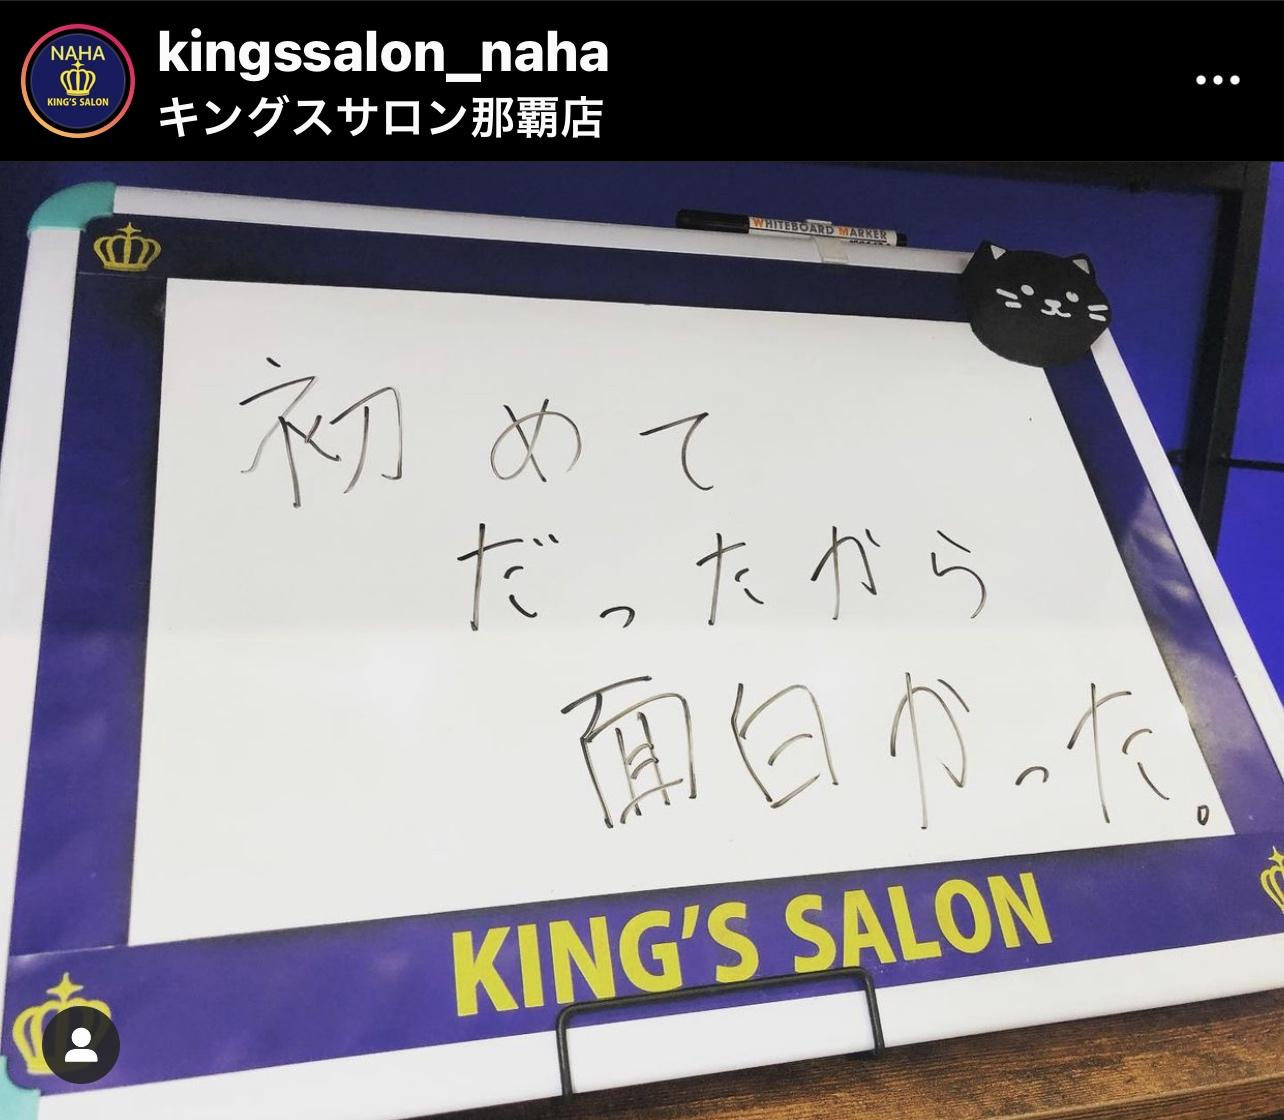 キングスサロン沖縄那覇店 お客様の声 サムネイル画像